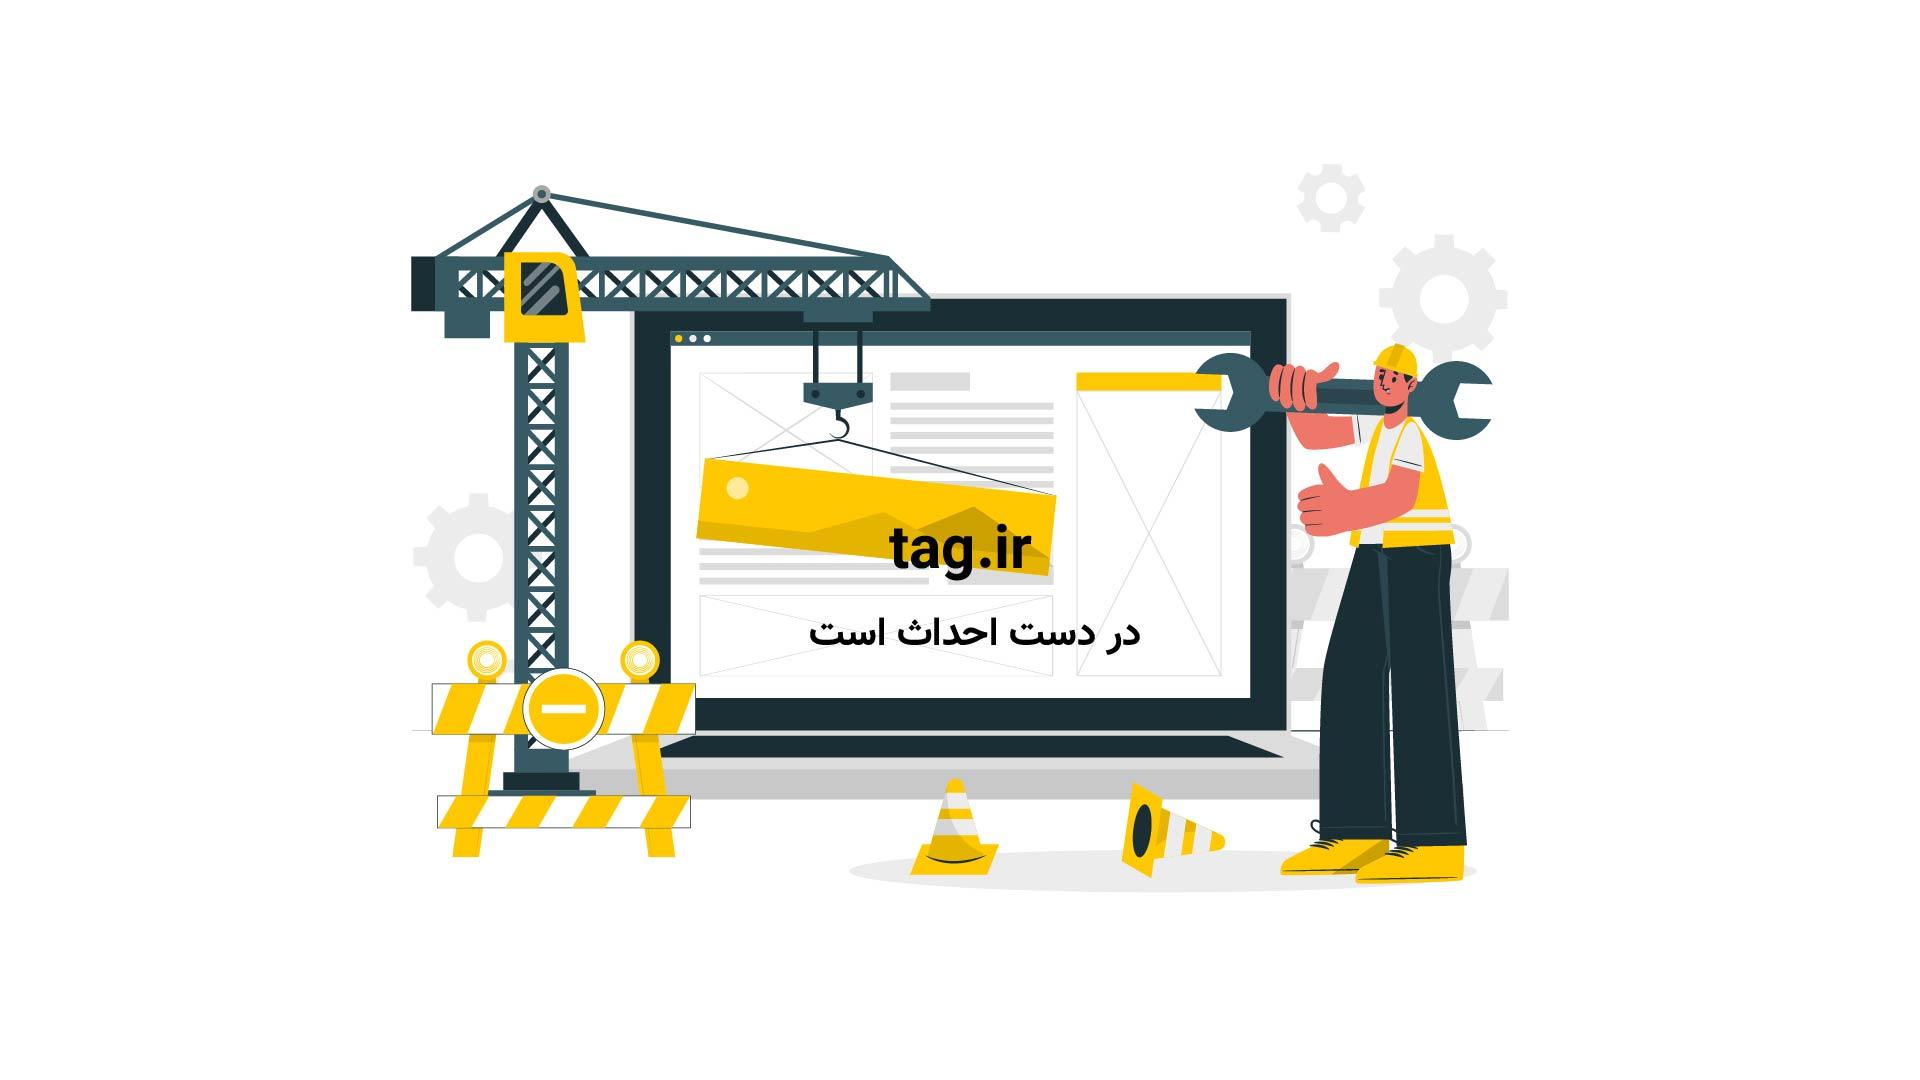 لحظاتی پس از انفجار در یکی از کلیساهای سریلانکا | فیلم